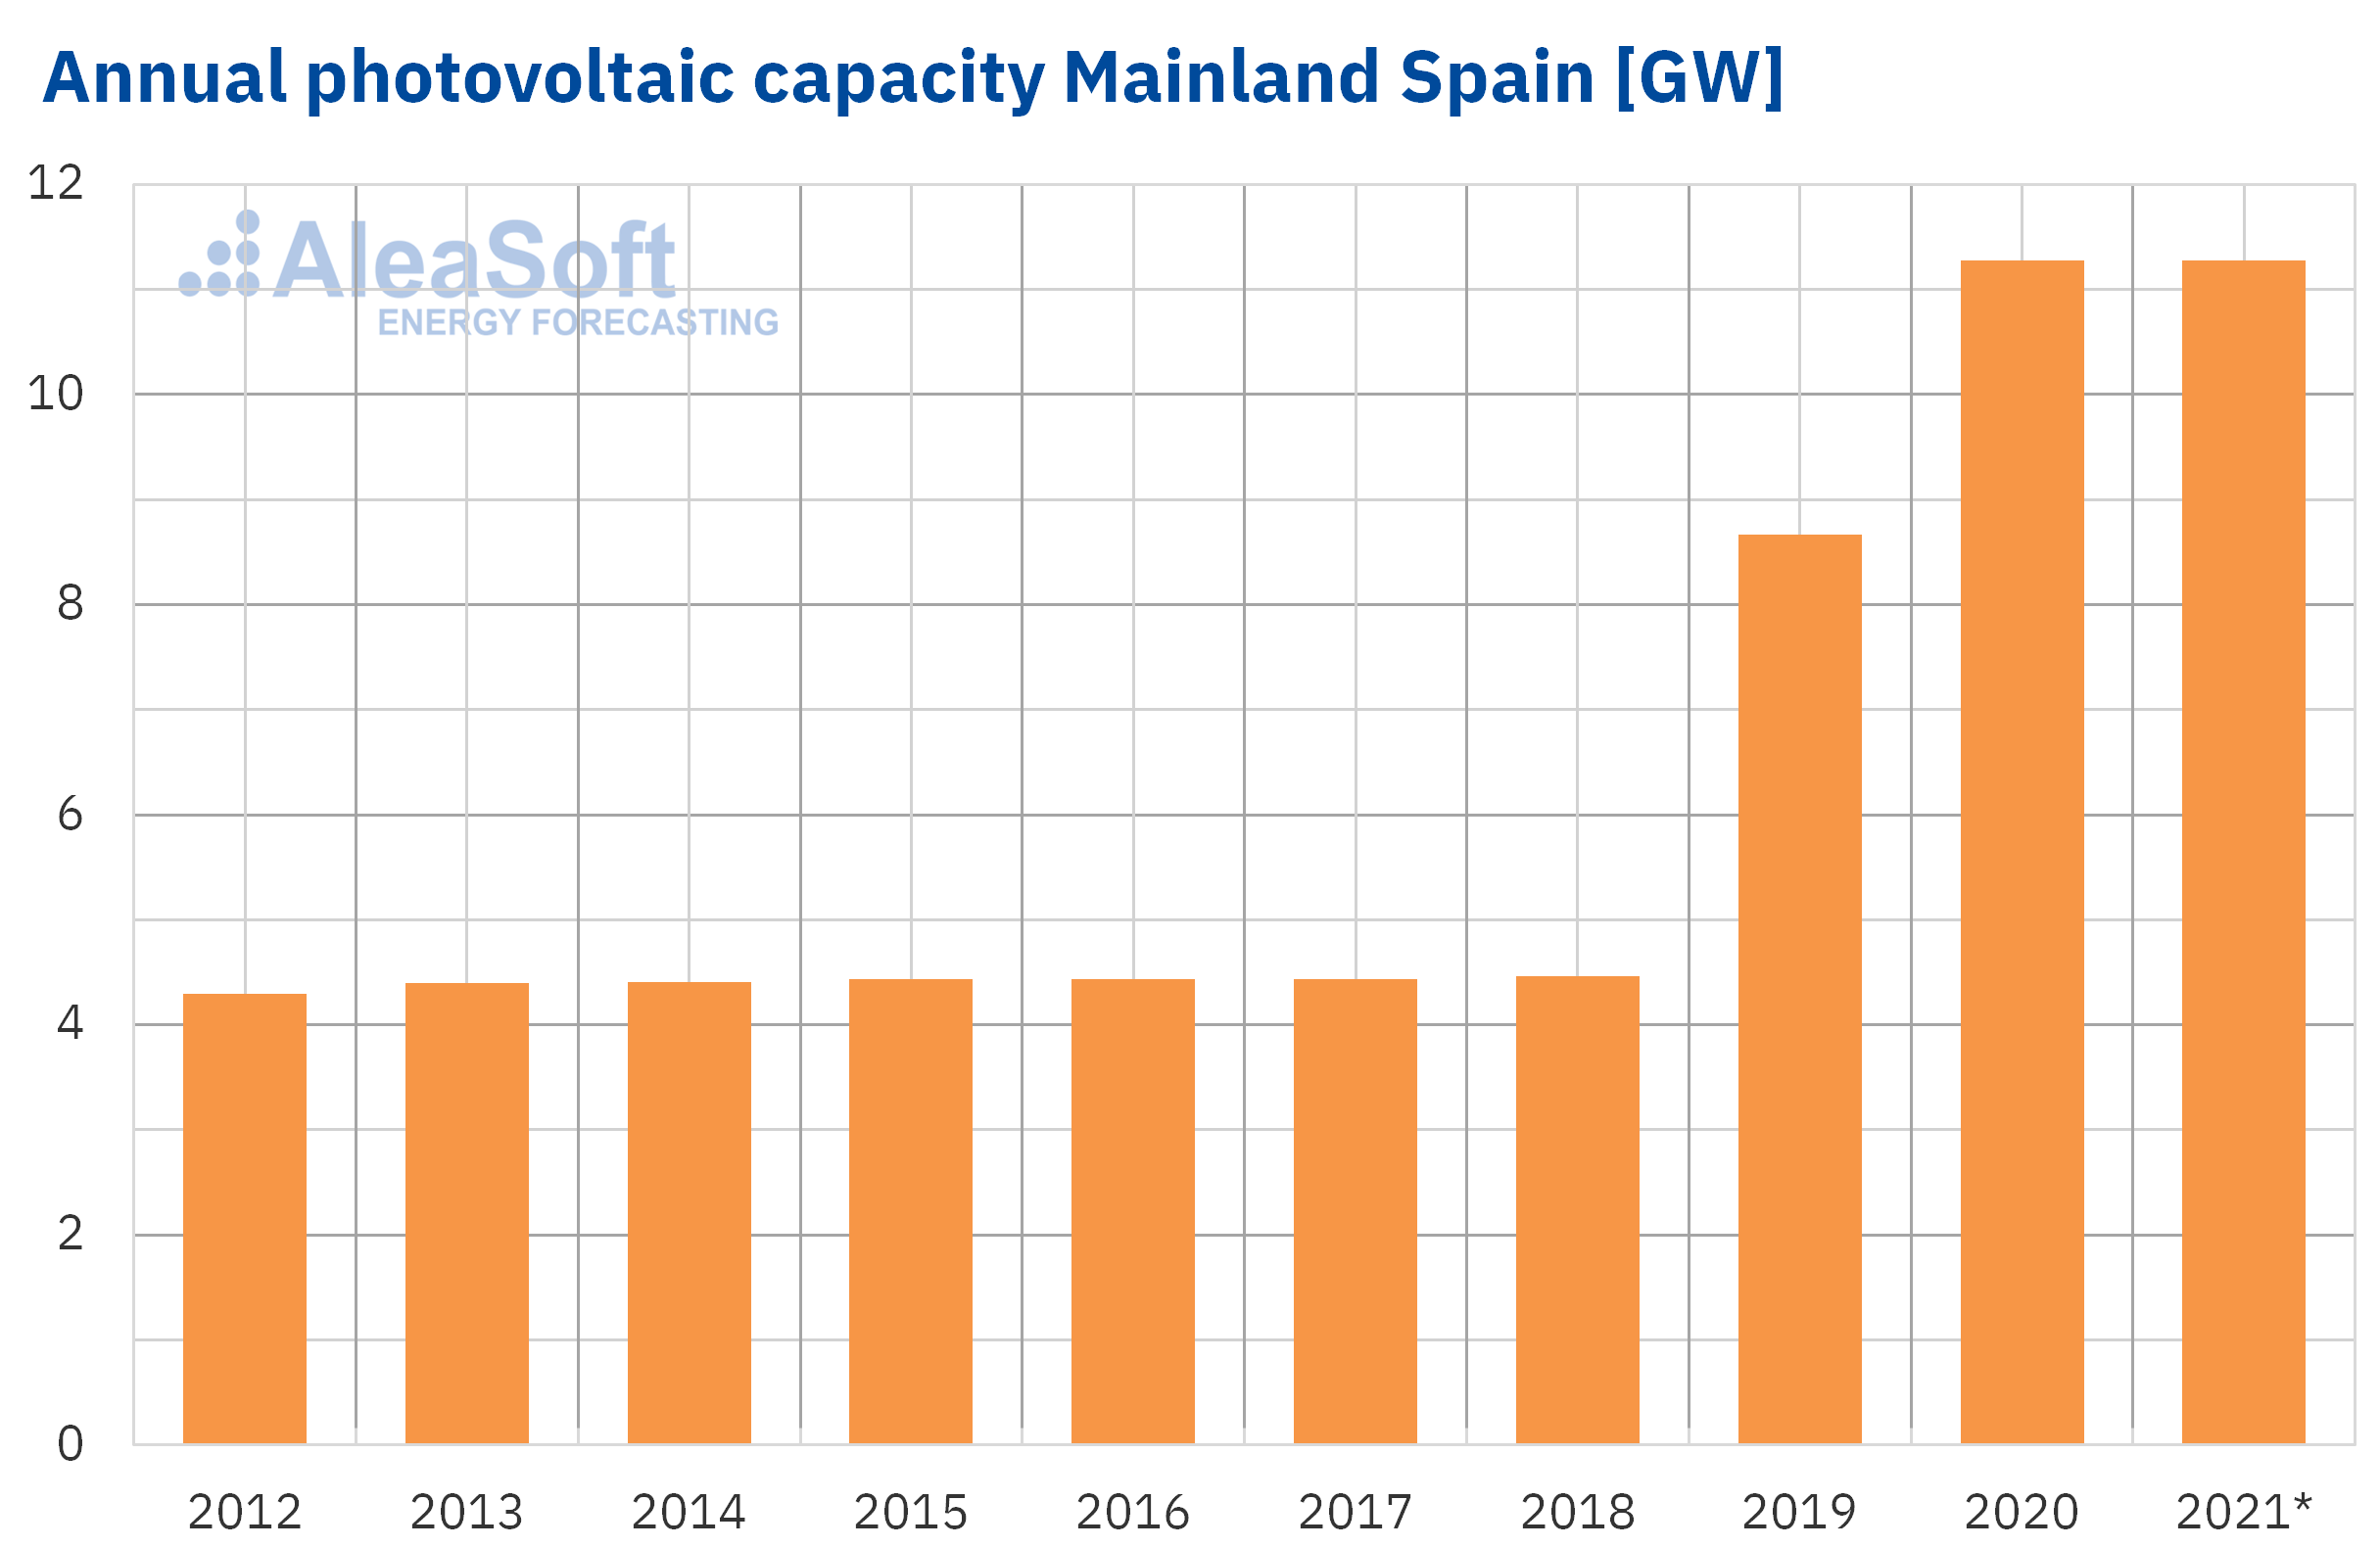 AleaSoft - Installed power capacity solar photovoltaic mainland spain